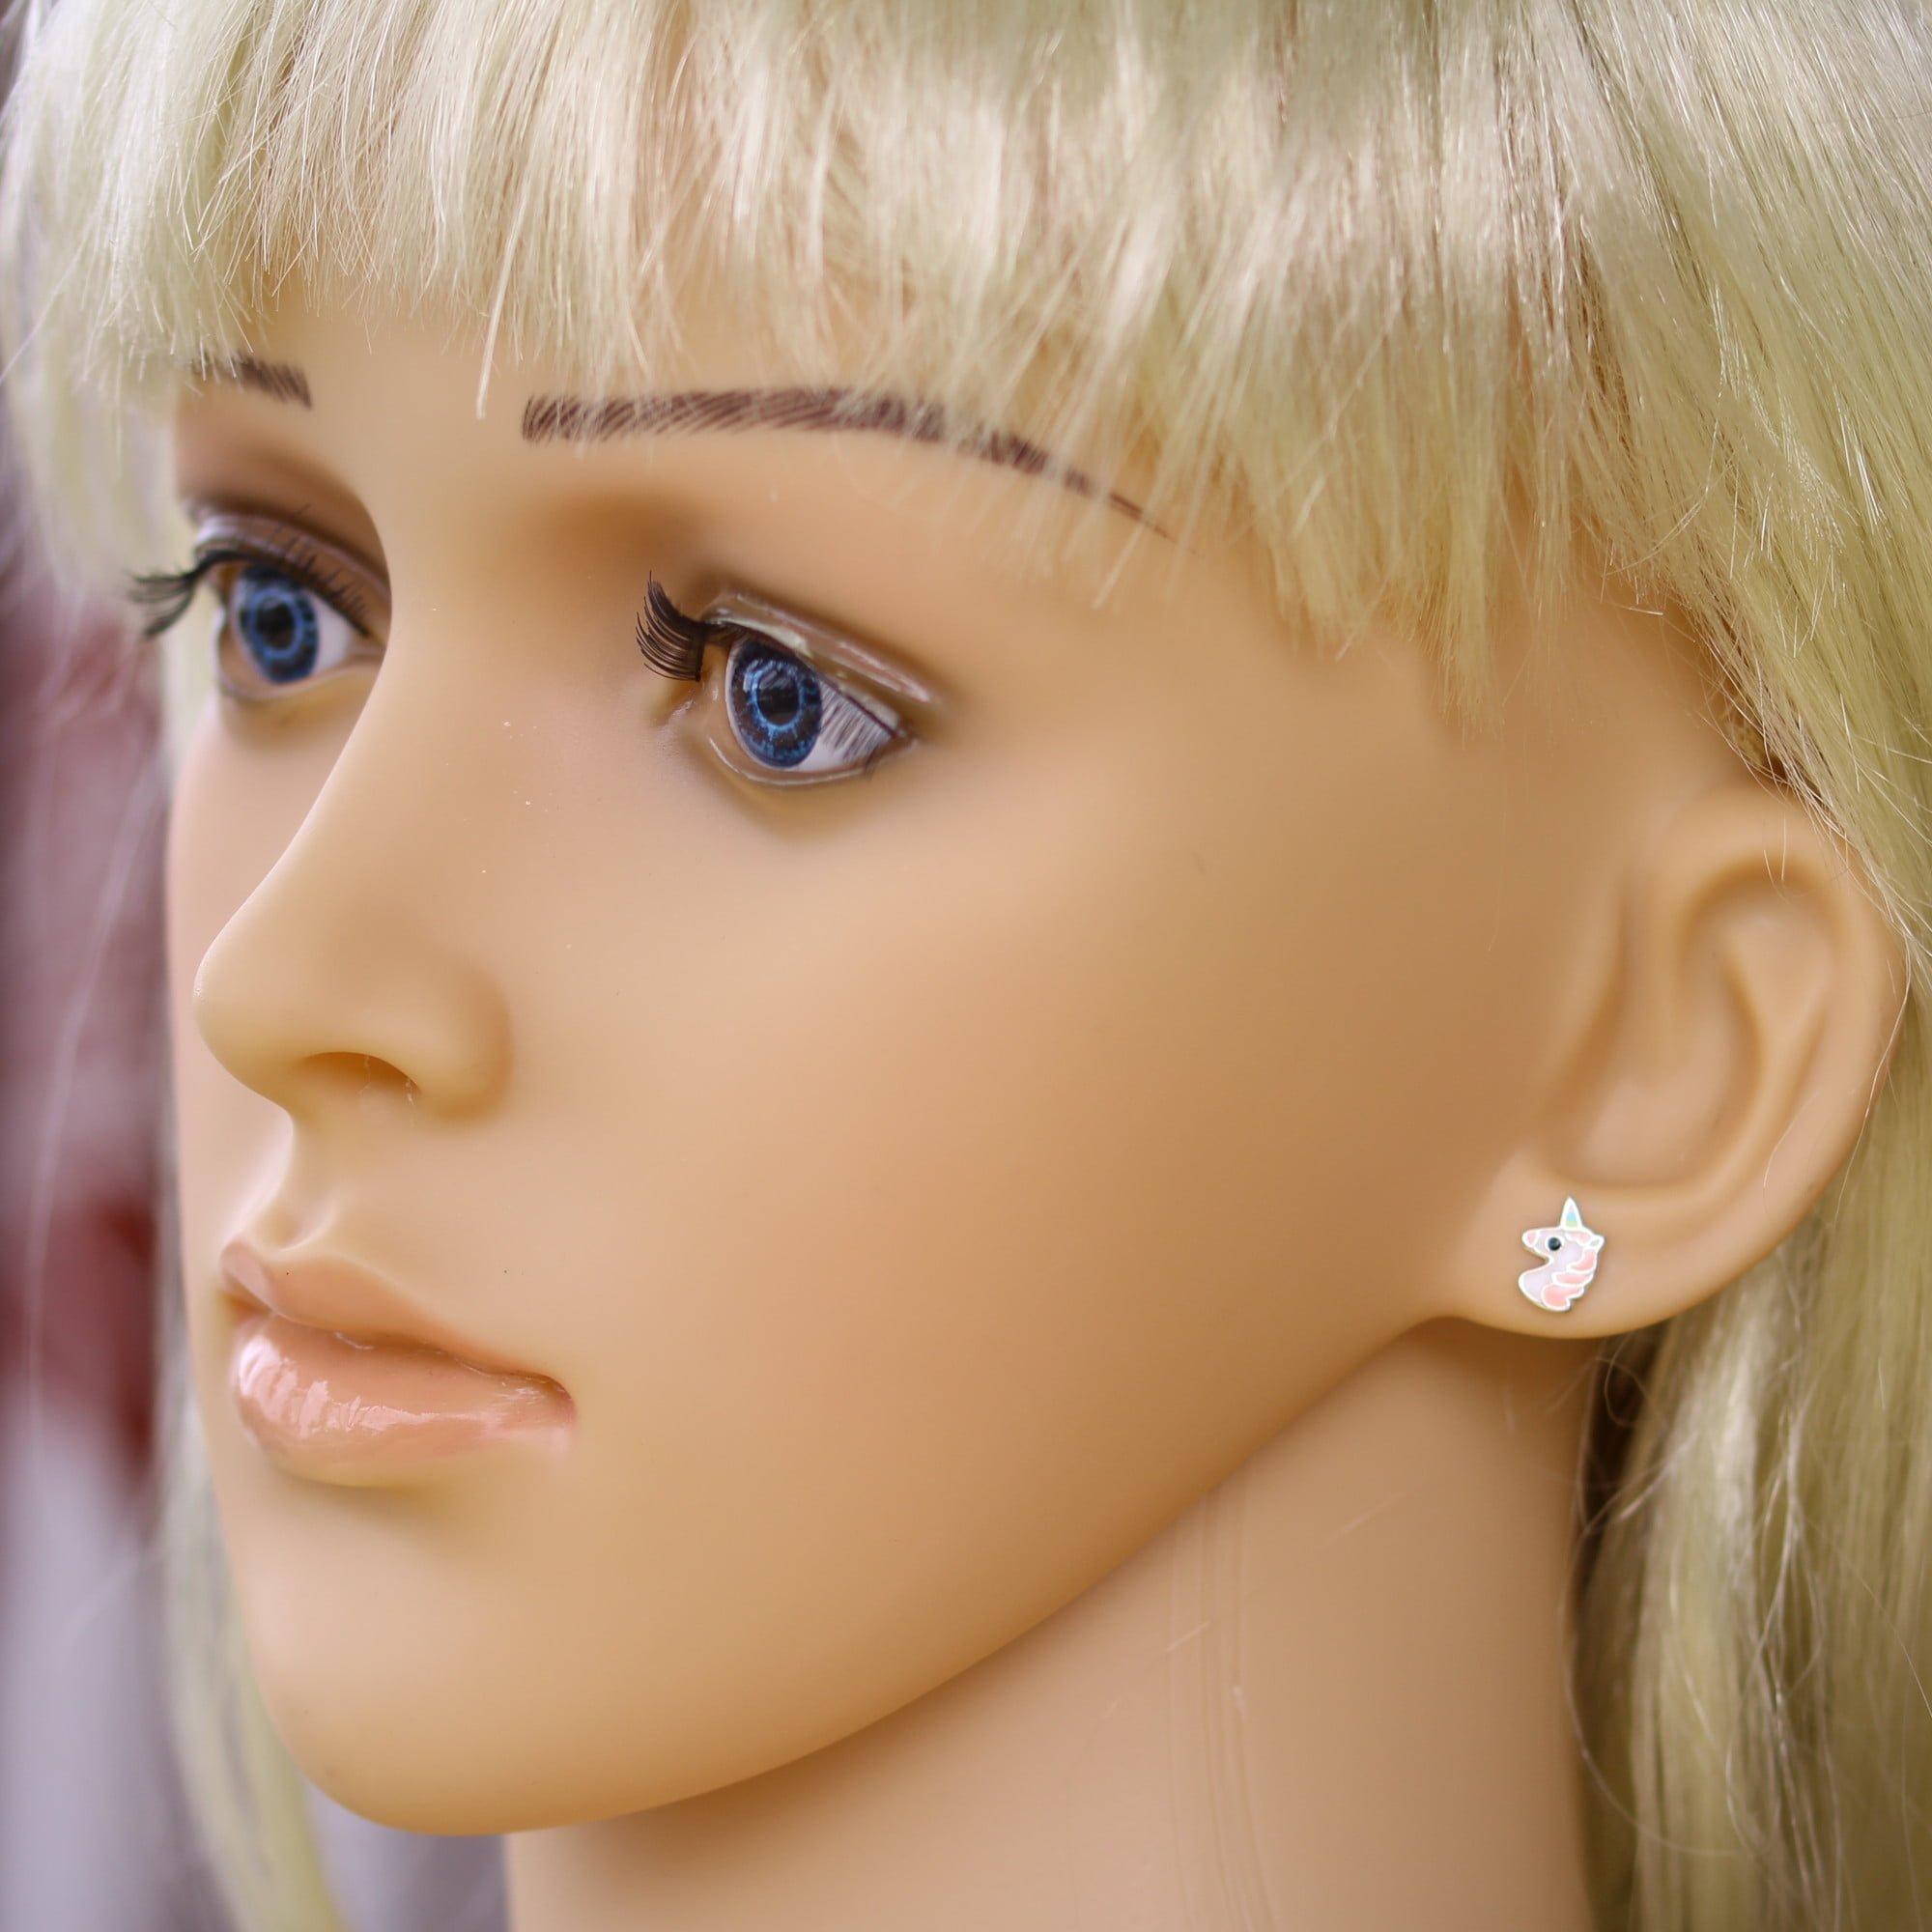 Girls unicorn earrings in silver model